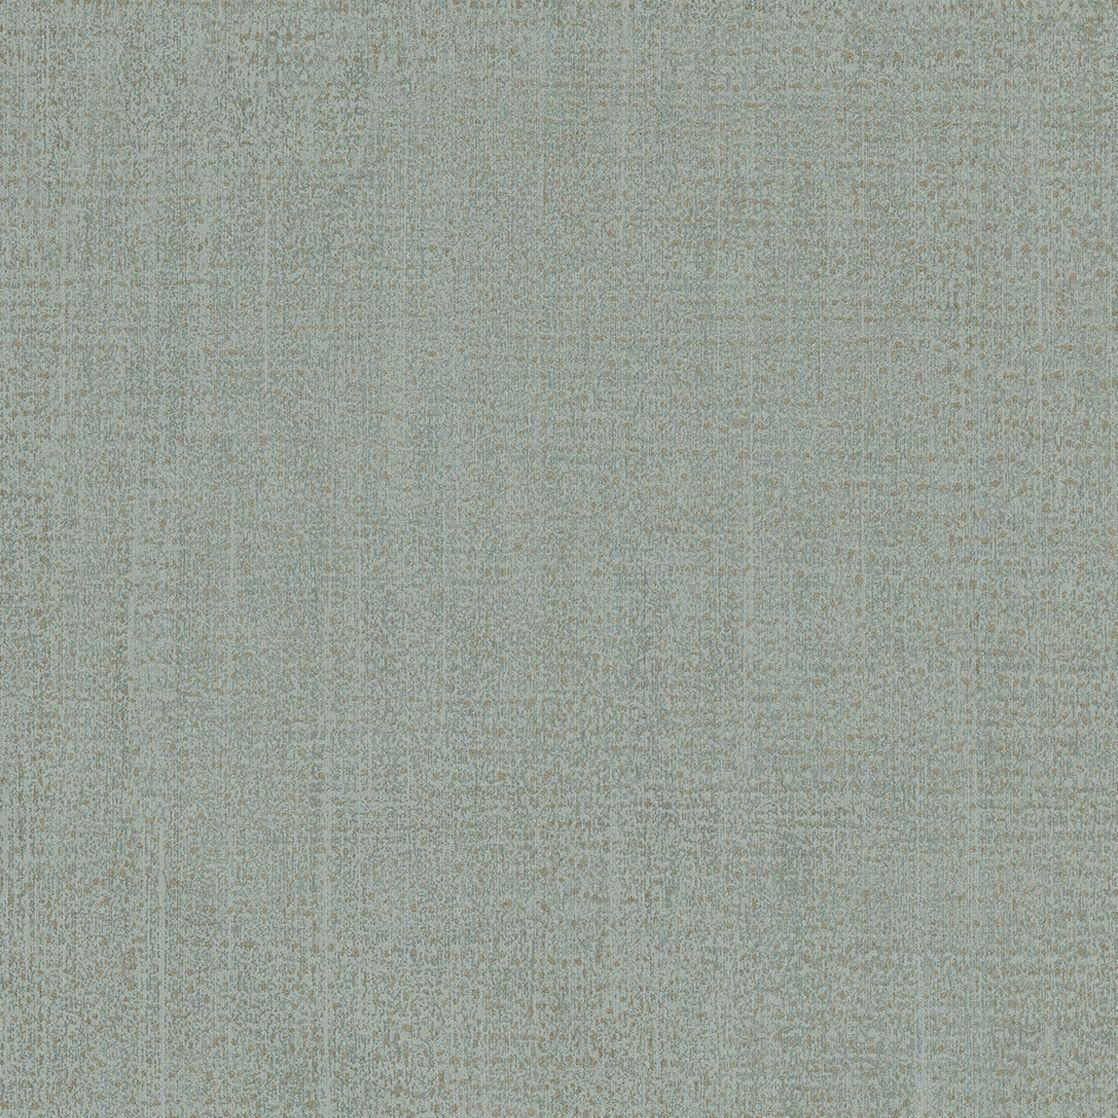 hochwertige tapeten und stoffe vlies vinyl tapete. Black Bedroom Furniture Sets. Home Design Ideas